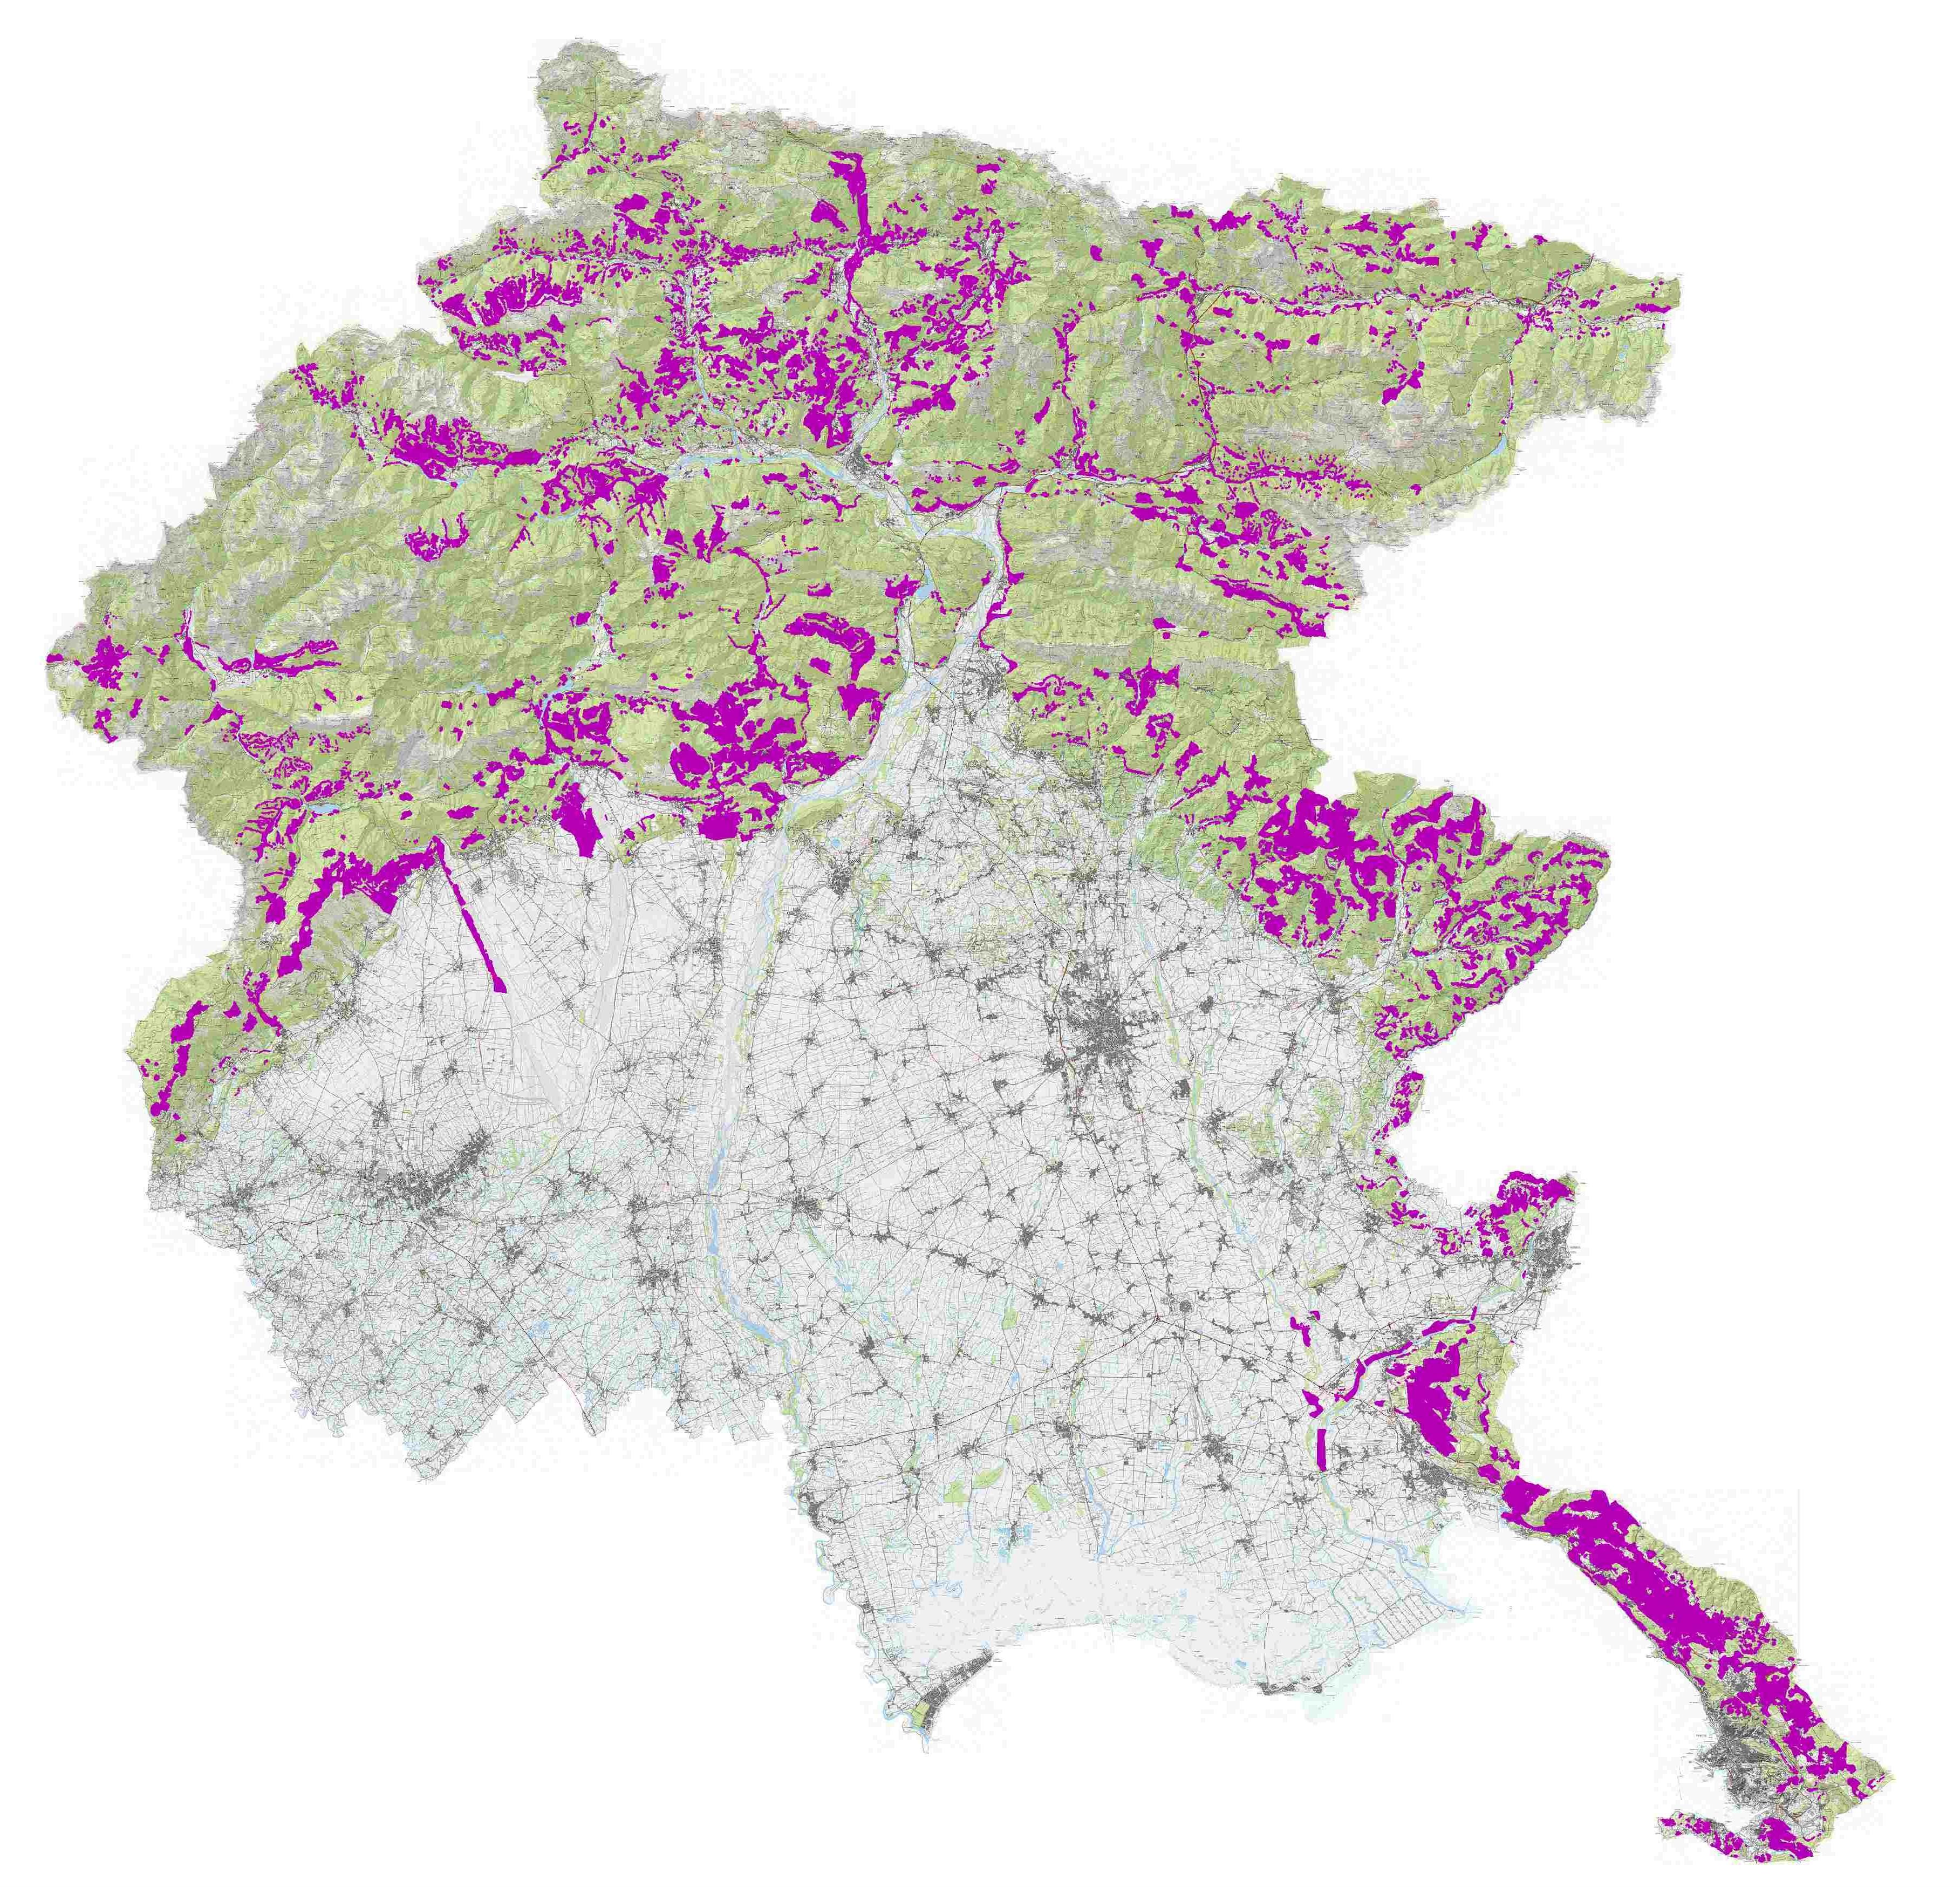 mappa delle zone potenzialmente rimosse dal vincolo idrogeologico